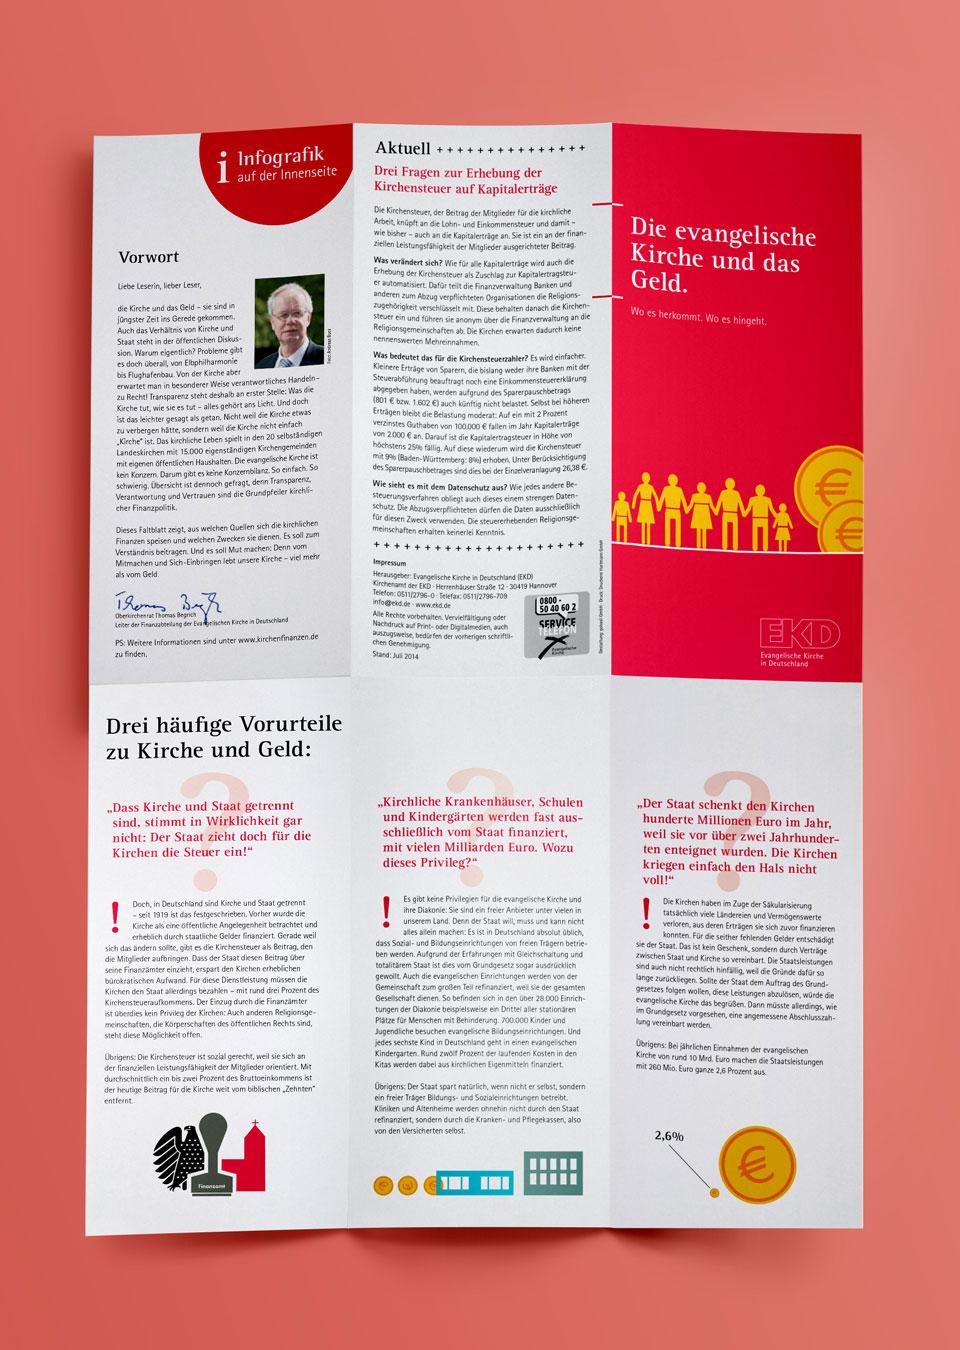 EKD Flyer zur Kirchensteuer ©gobasil ~ Agentur für Kommunikation, Hamburg Hannover